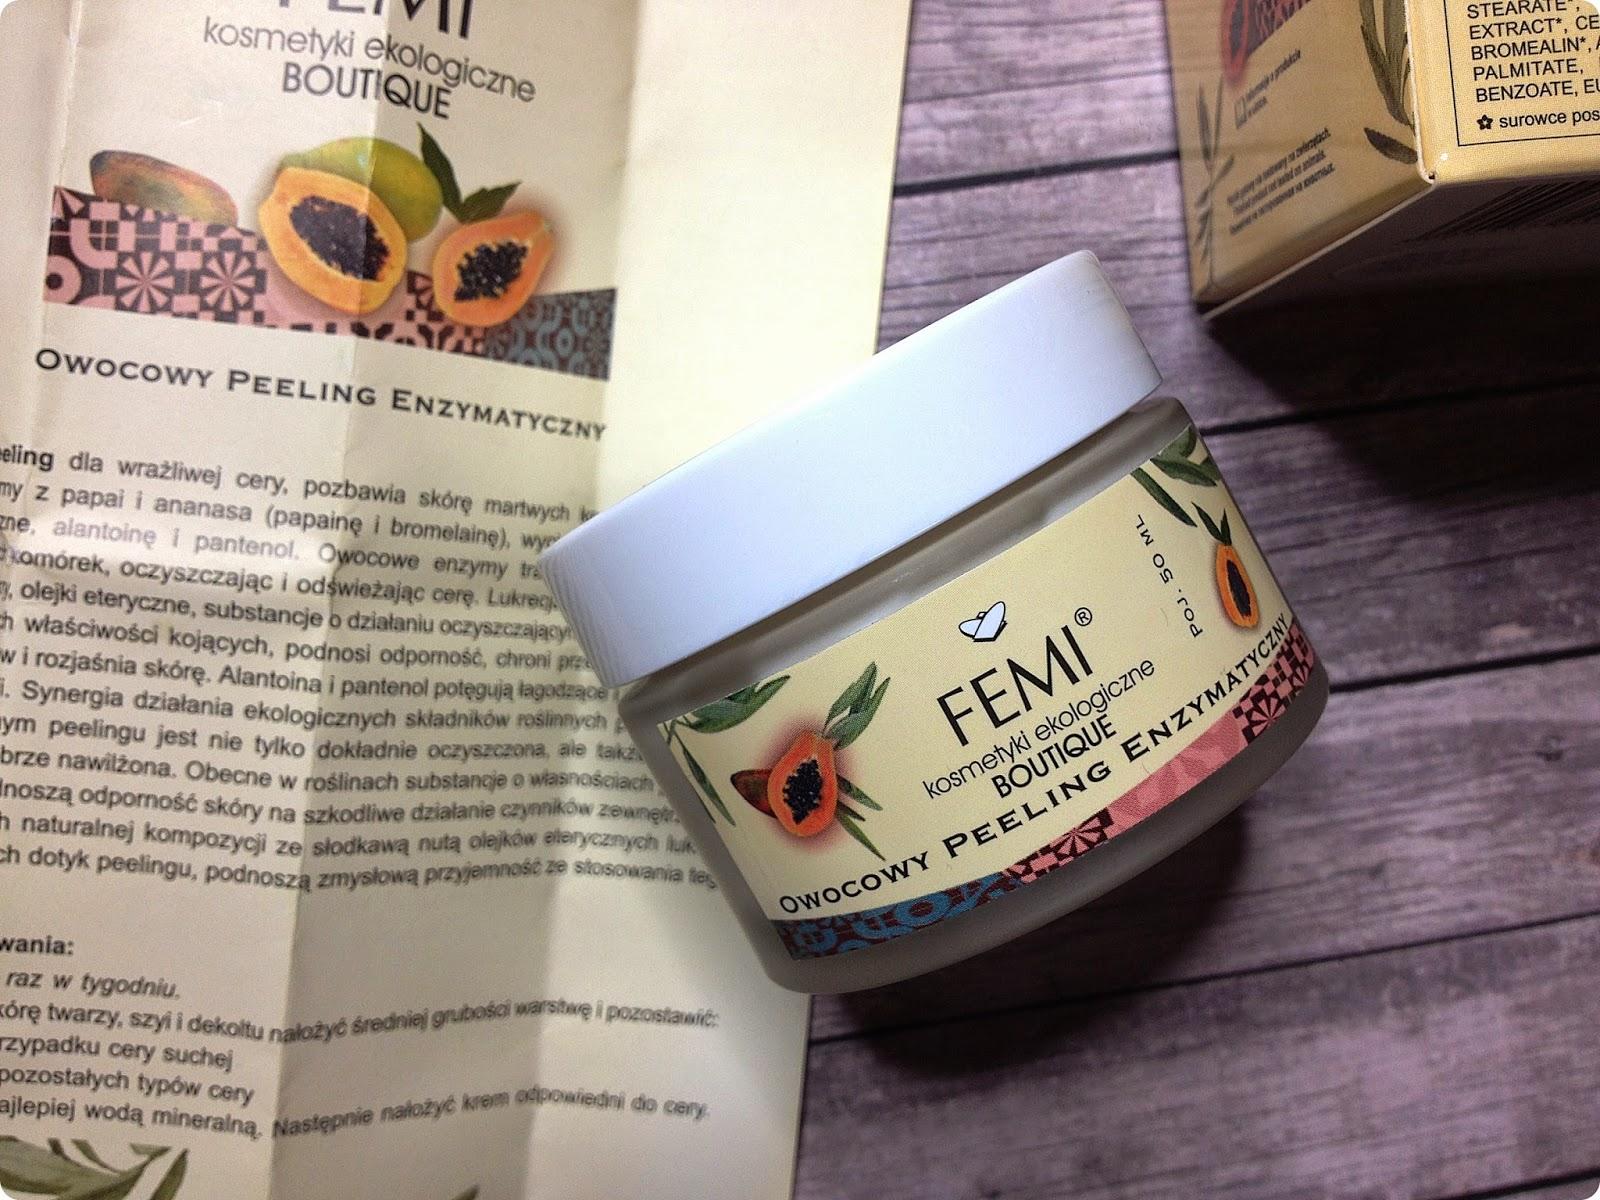 Owocowy peeling enzymatyczny, Femi